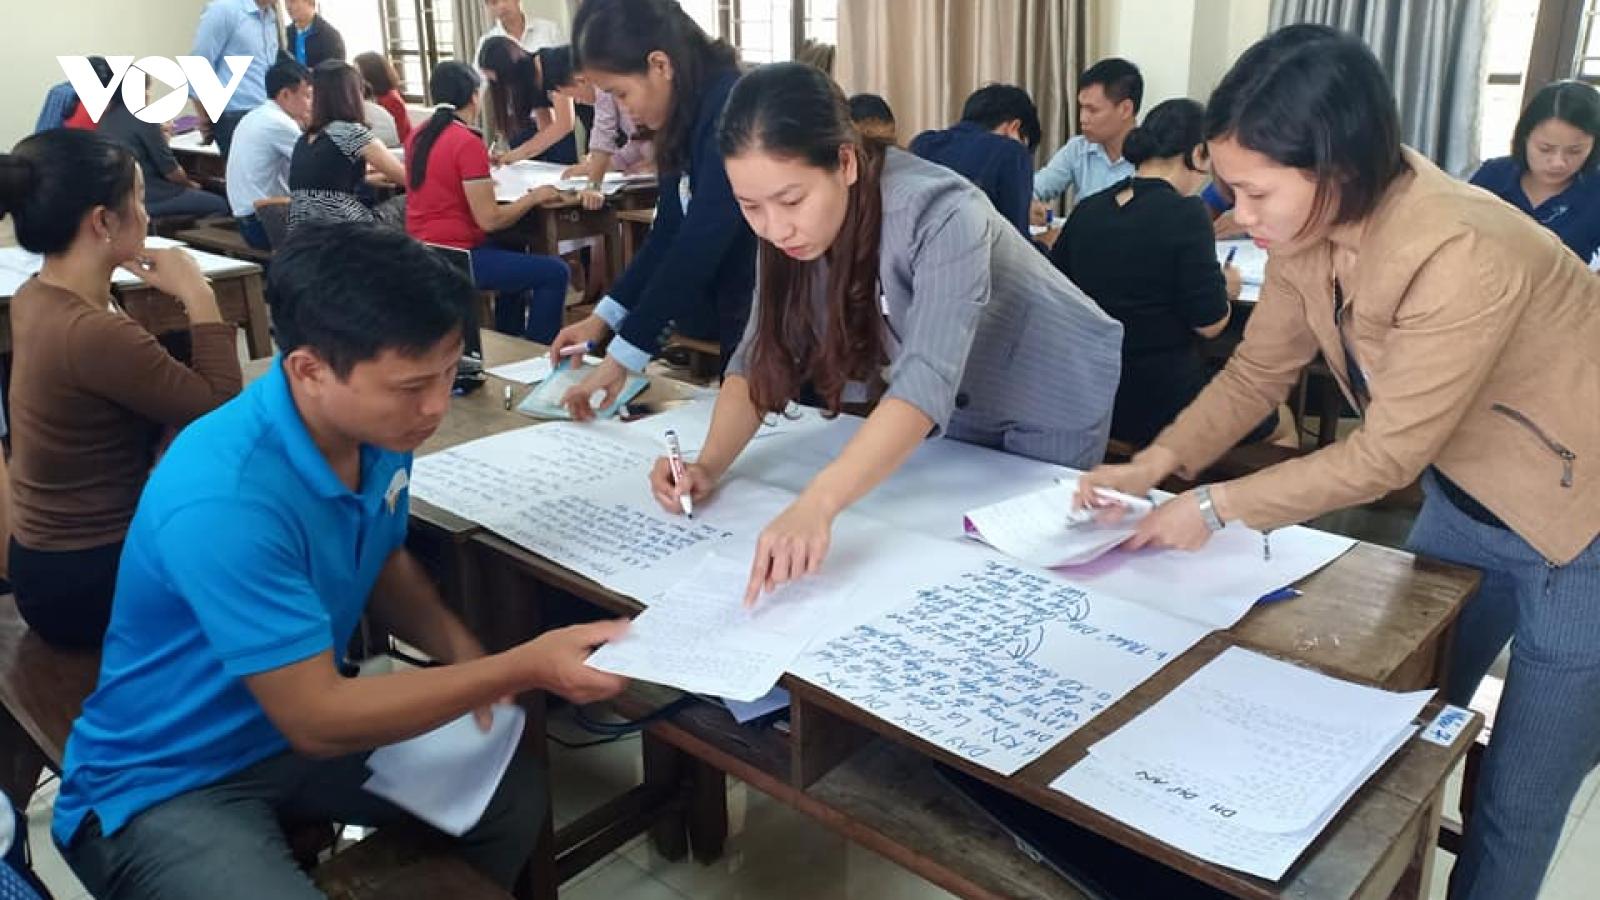 Bồi dưỡng nghiệp vụ kiểu mới, giáo viên hào hứng học online đến tận 12h đêm